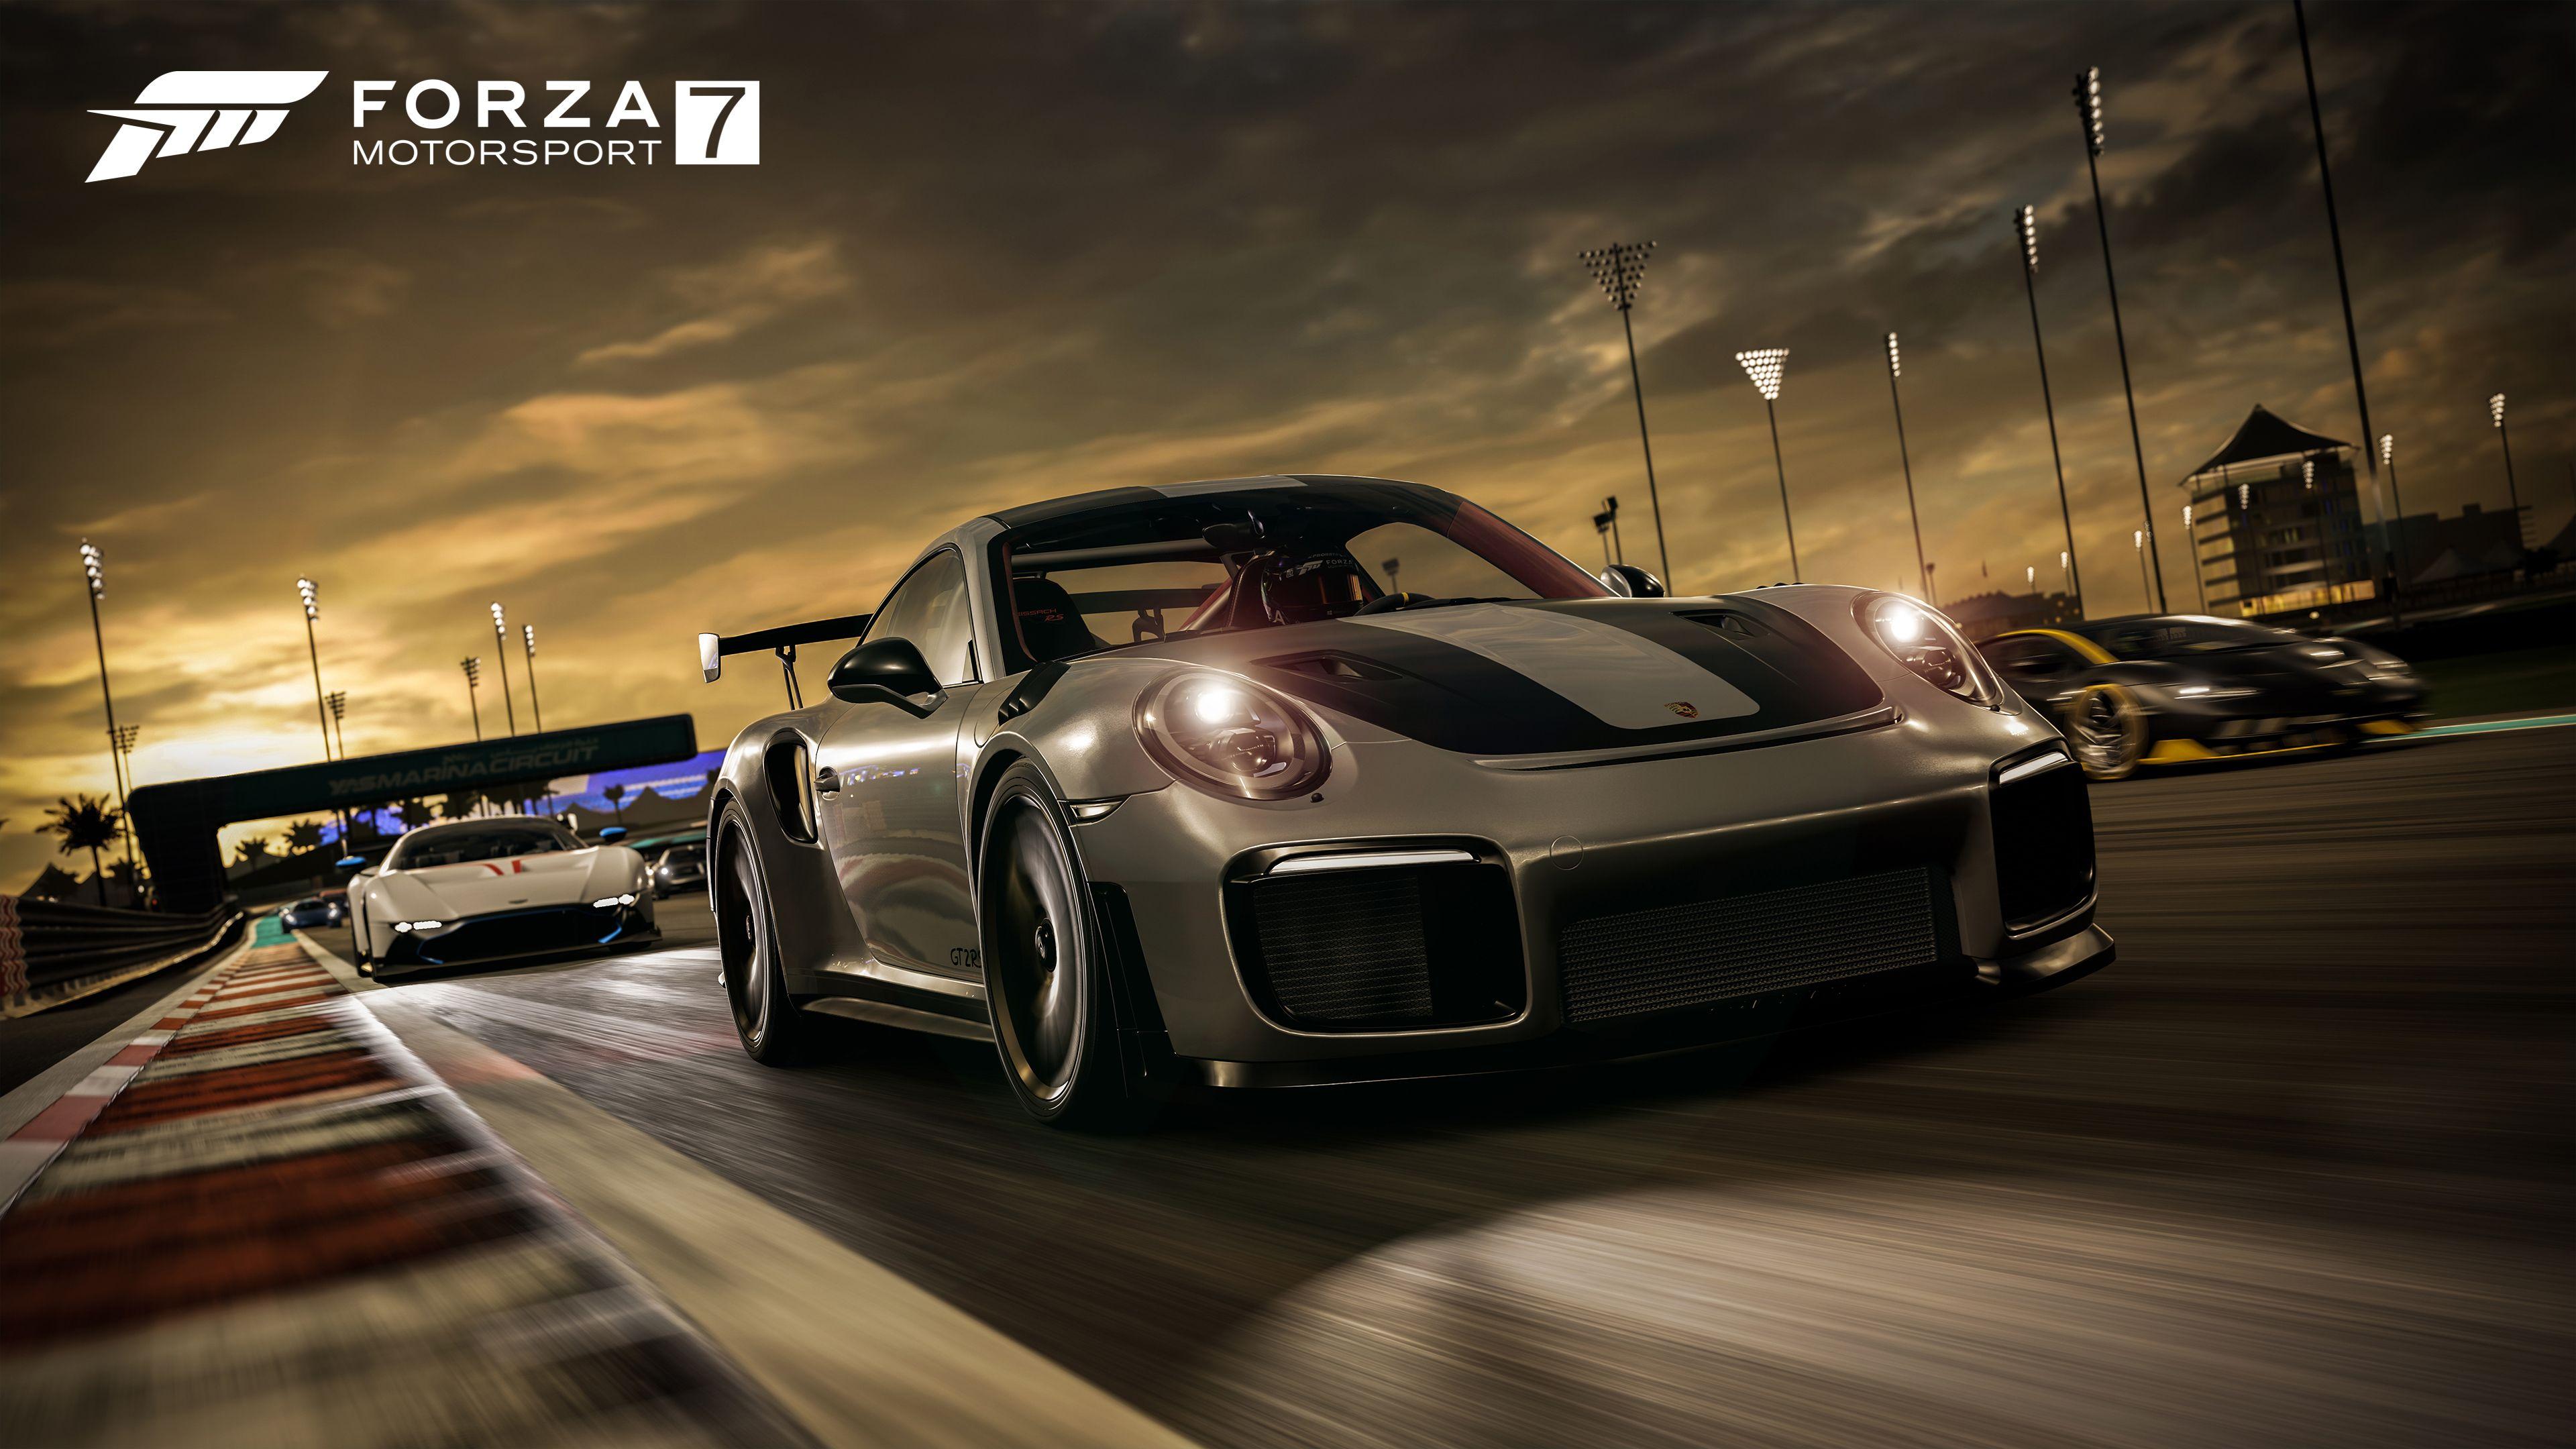 Forza автоспорт 7 Porsche 911 GT2 RS обои скачать